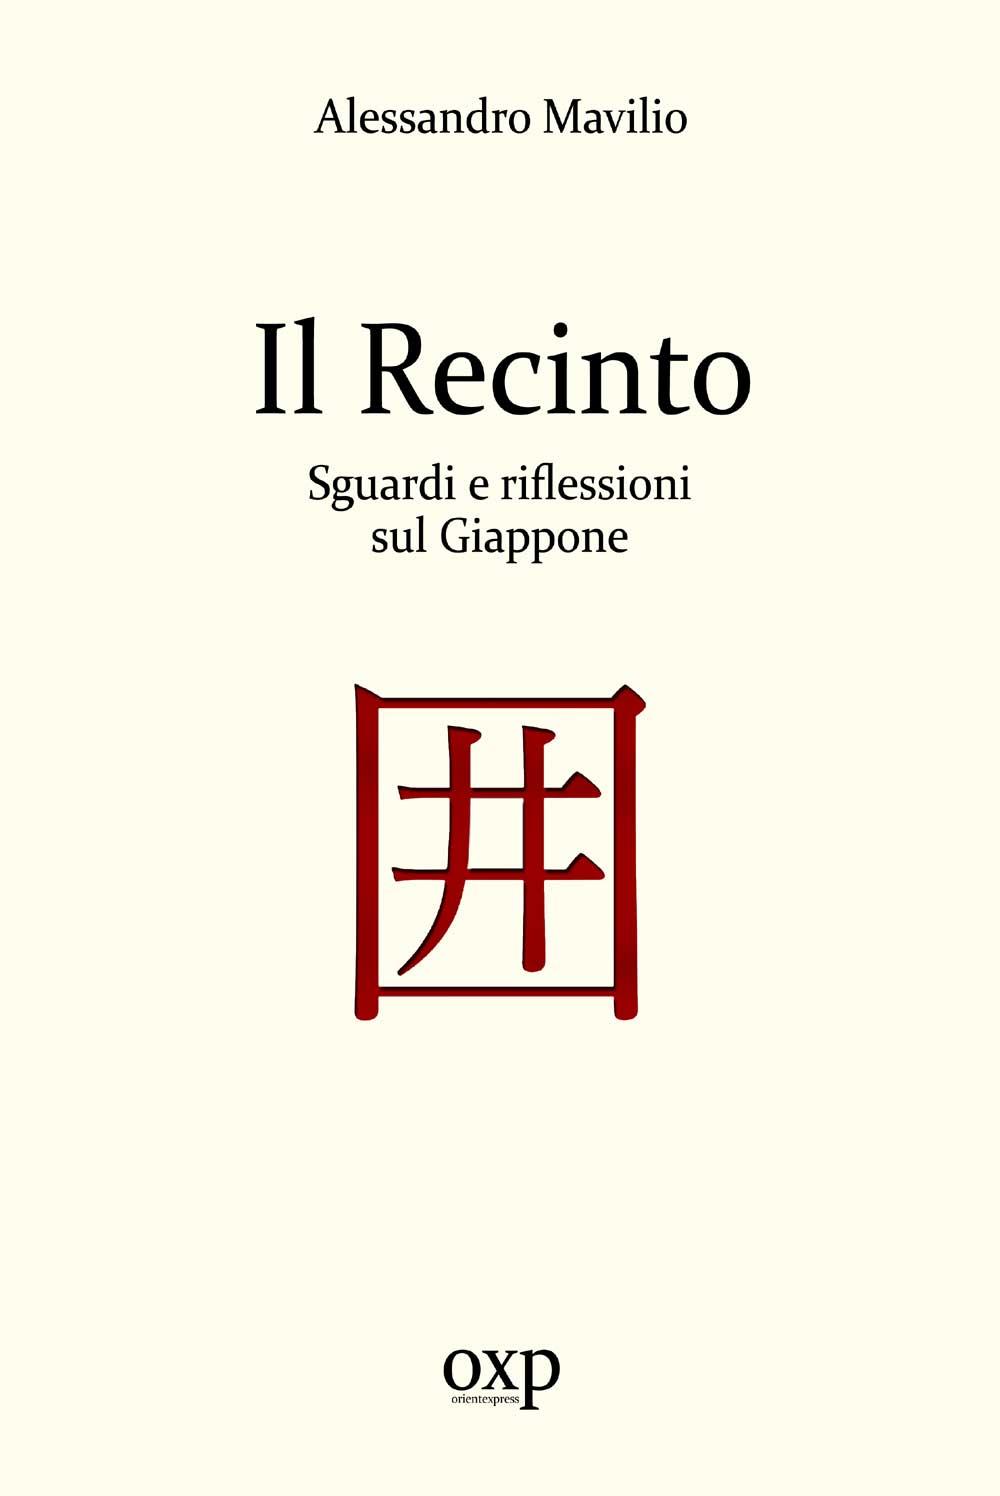 Il Recinto. Sguardi e riflessioni sul Giappone, di Alessandro W.Mavilio (Gli Ibischi, 2015)